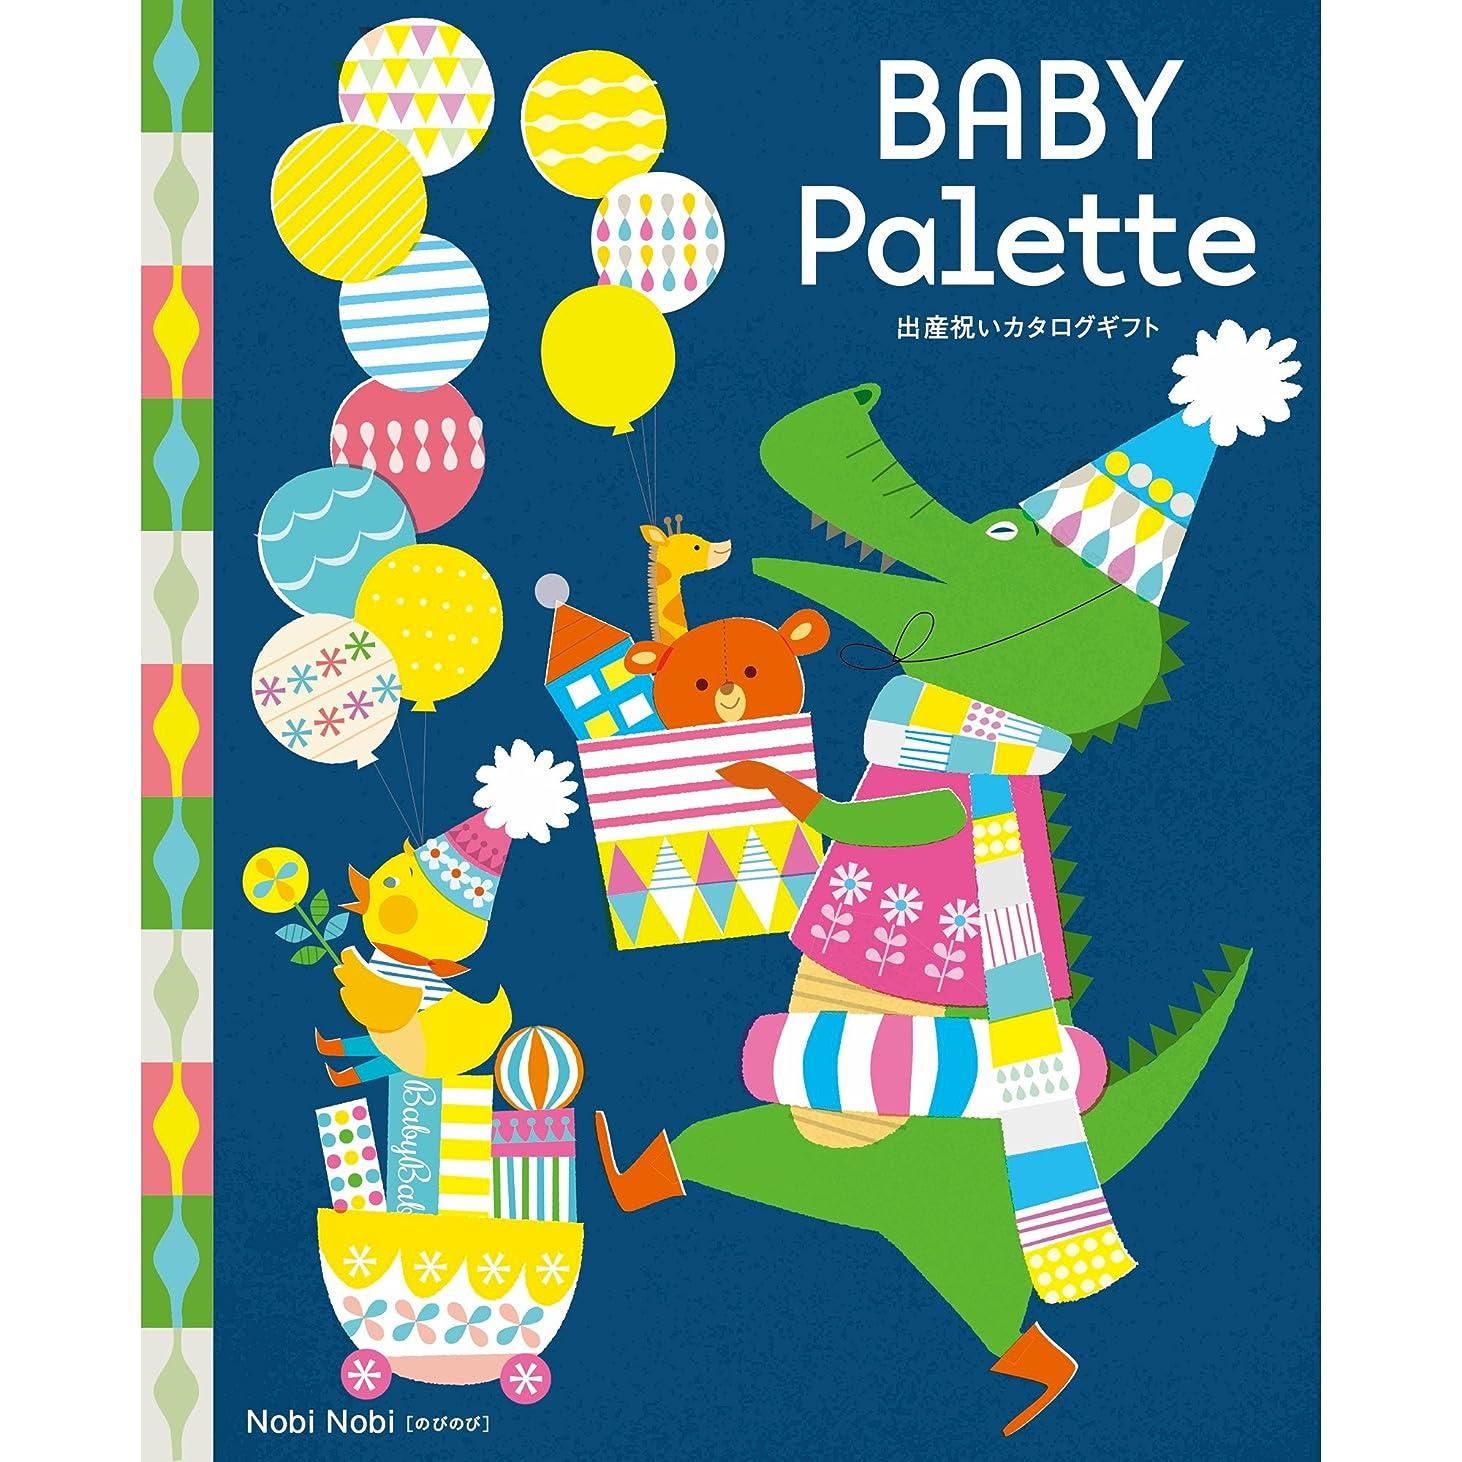 災害パス薬用シャディ カタログギフト BABY Palette (ベビーパレット) 出産祝い のびのび 包装紙:アッシュフラワー